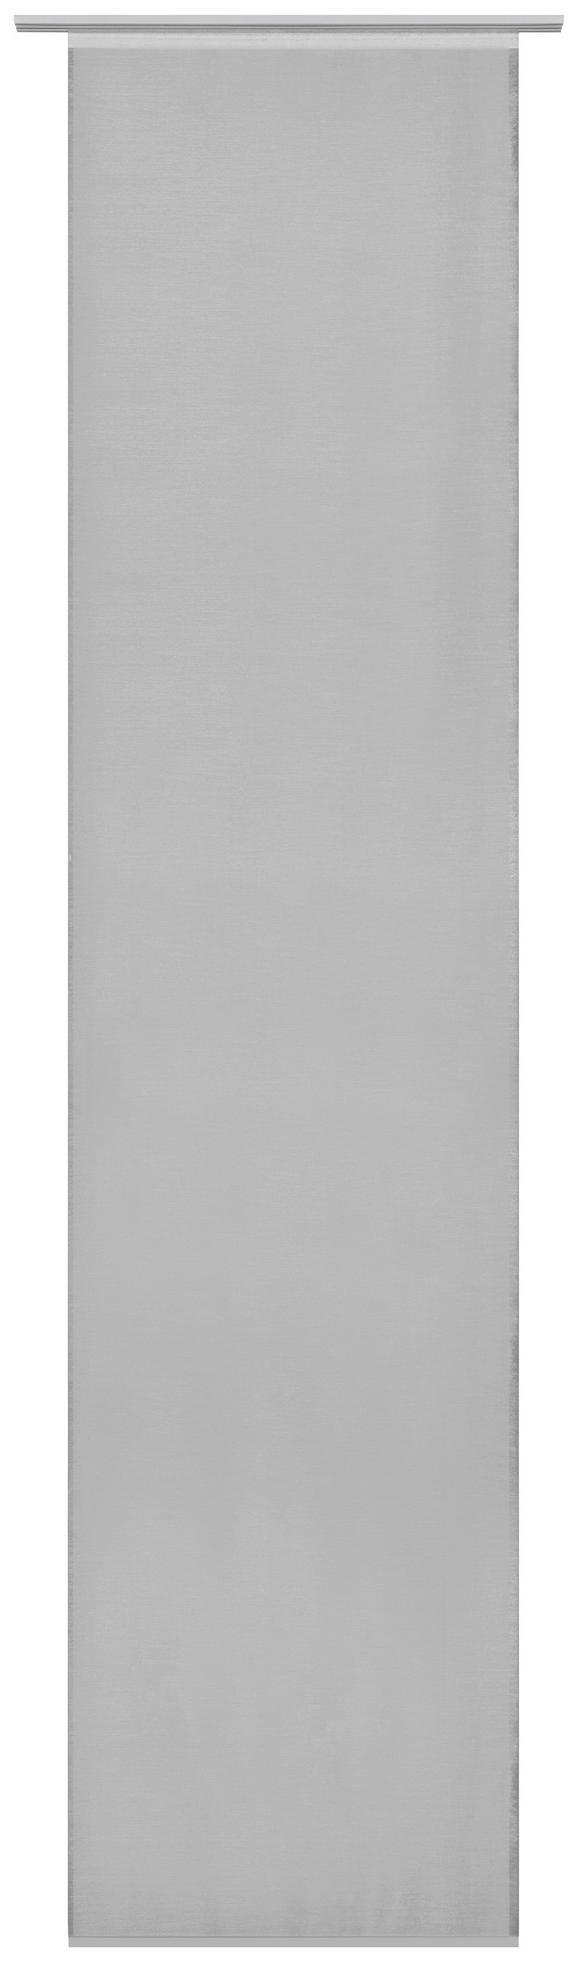 Lapfüggöny Uni - szürke, modern, textil (60/245cm) - MÖMAX modern living